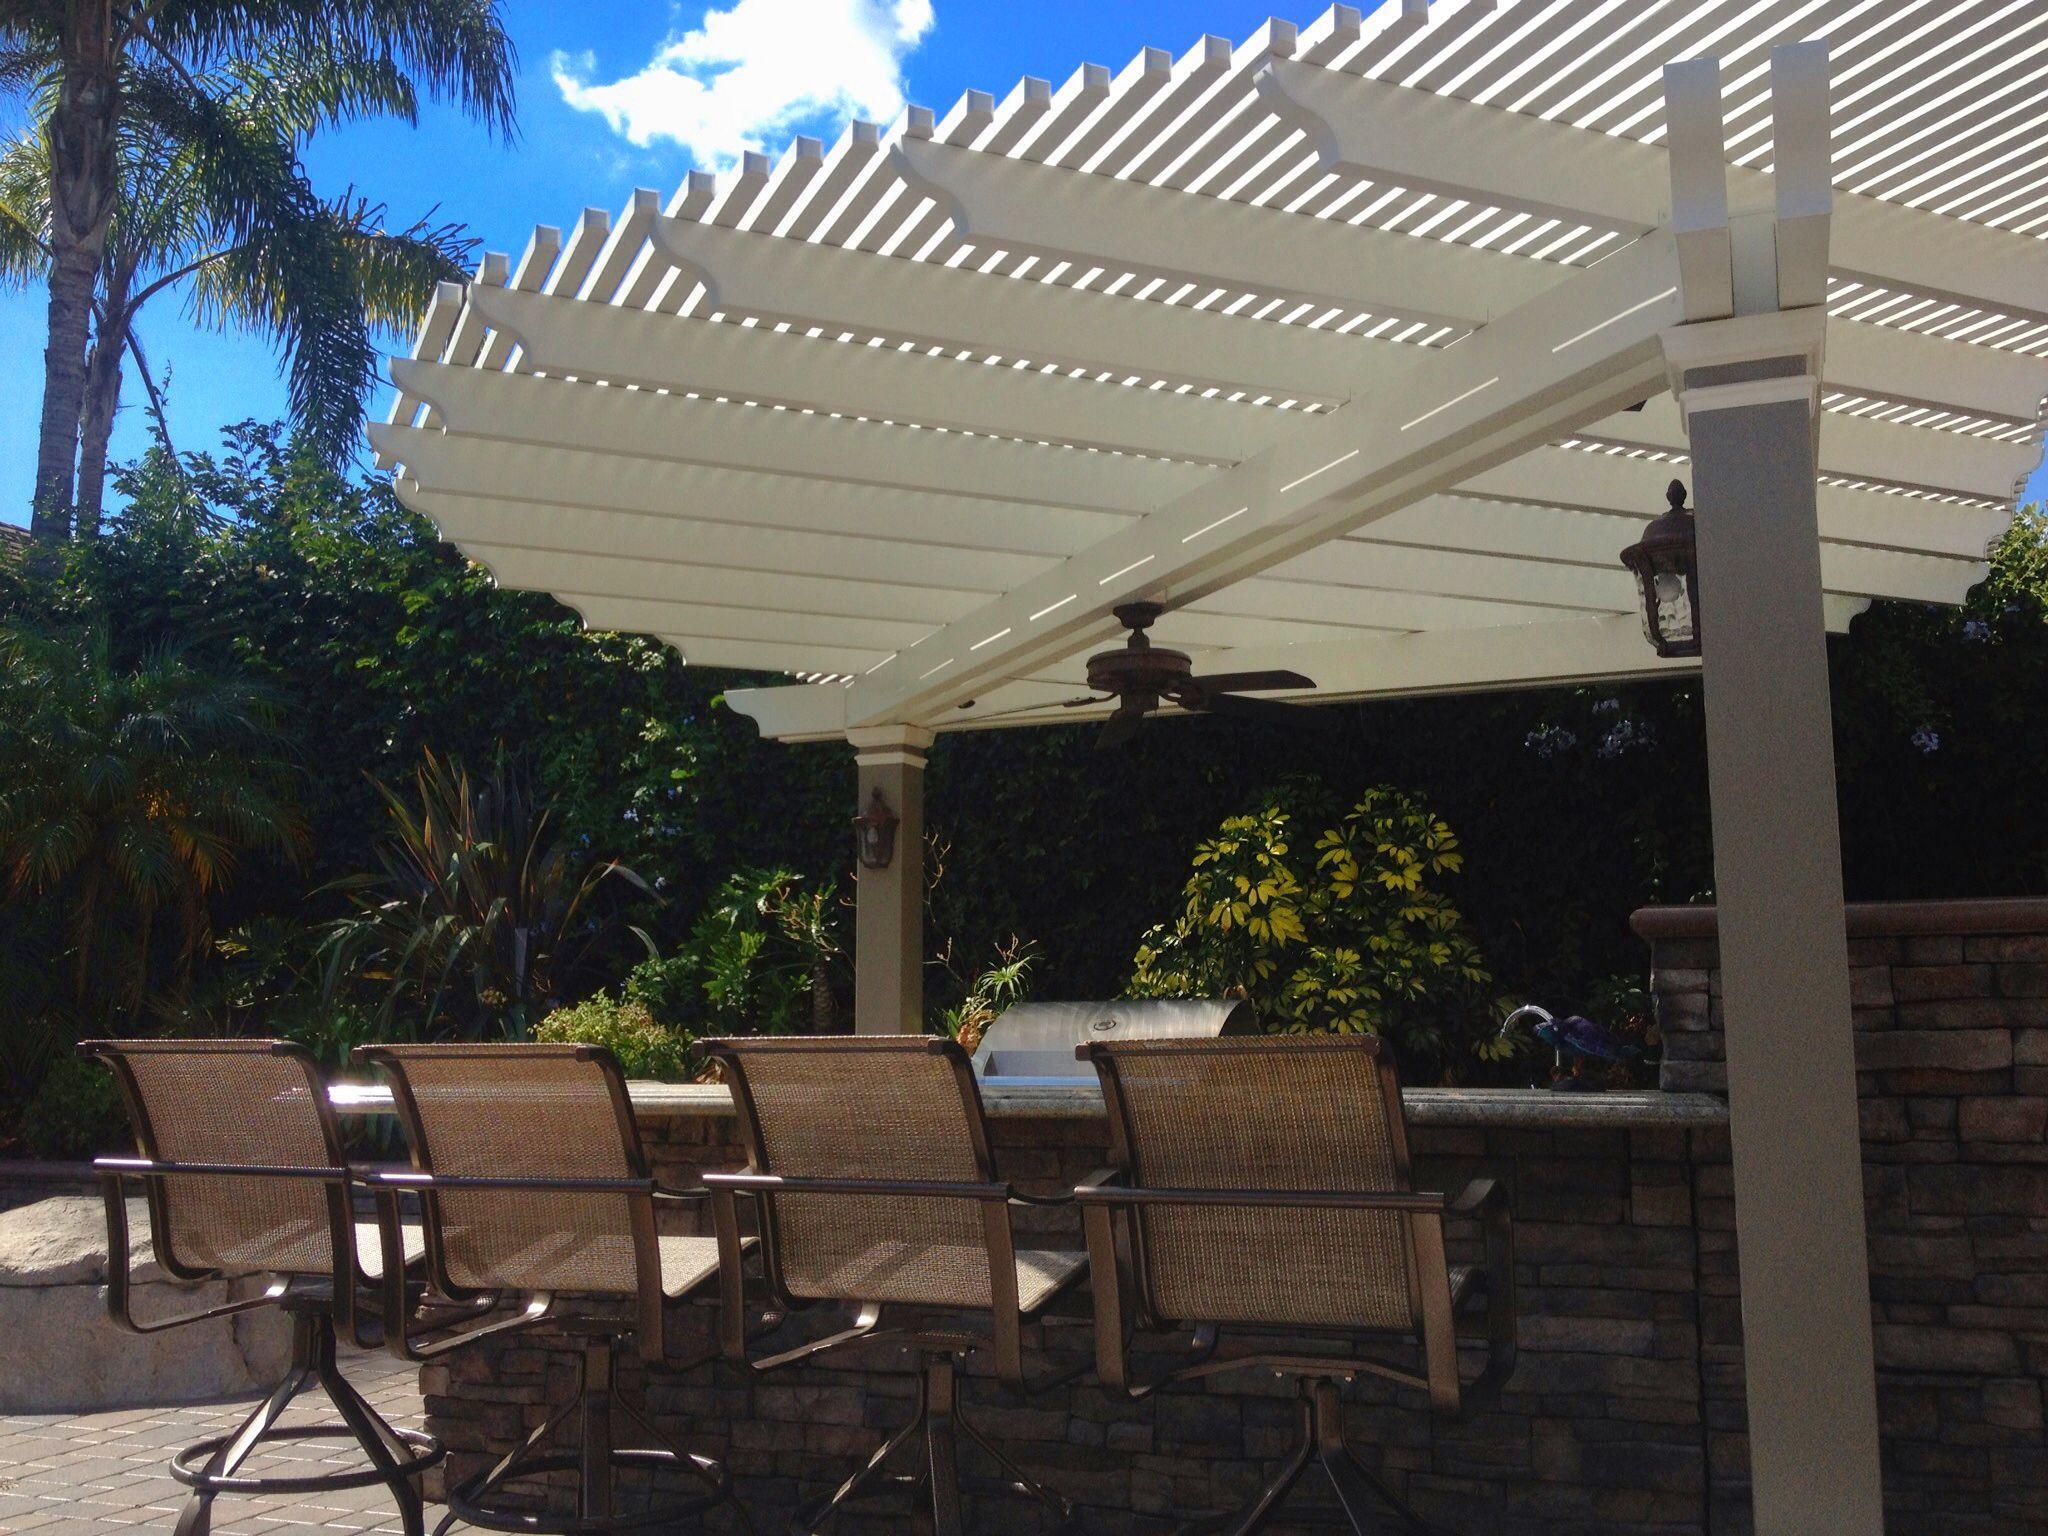 diy alumawood patio cover kit patiokitsdirect com diy